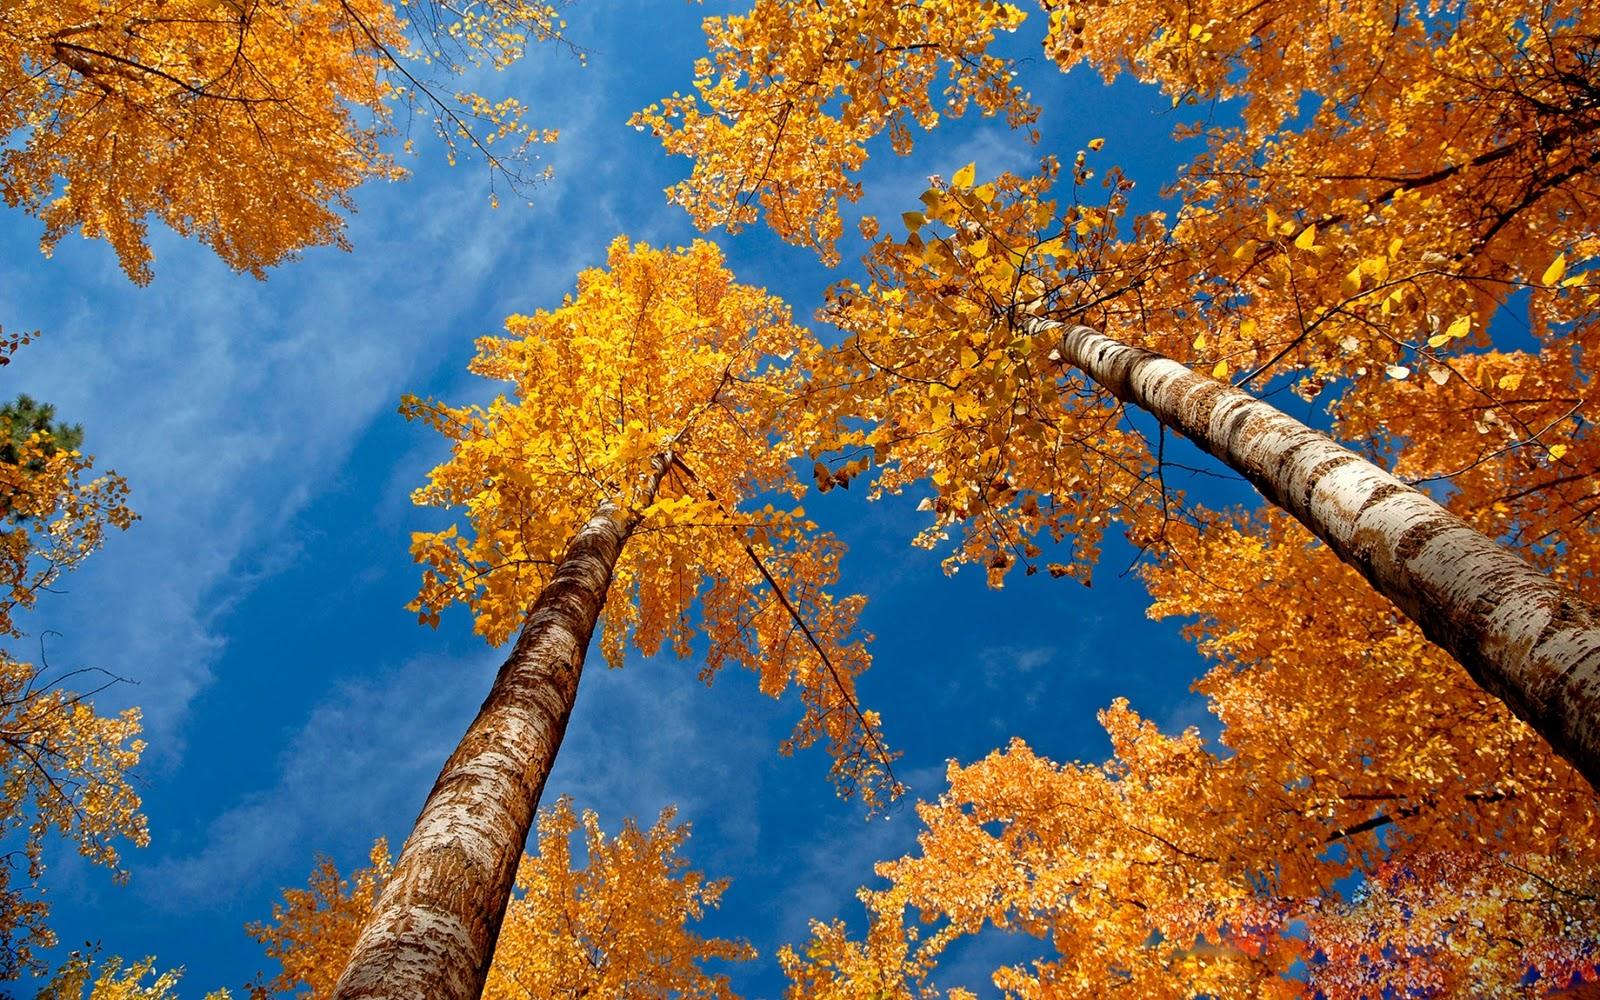 http://2.bp.blogspot.com/_RAlP3BmEW1Q/TQNiJVOqRjI/AAAAAAAABMg/sMjcK3jjxIA/s1600/Herfst-achtergronden-herfst-wallpapers-3.jpg